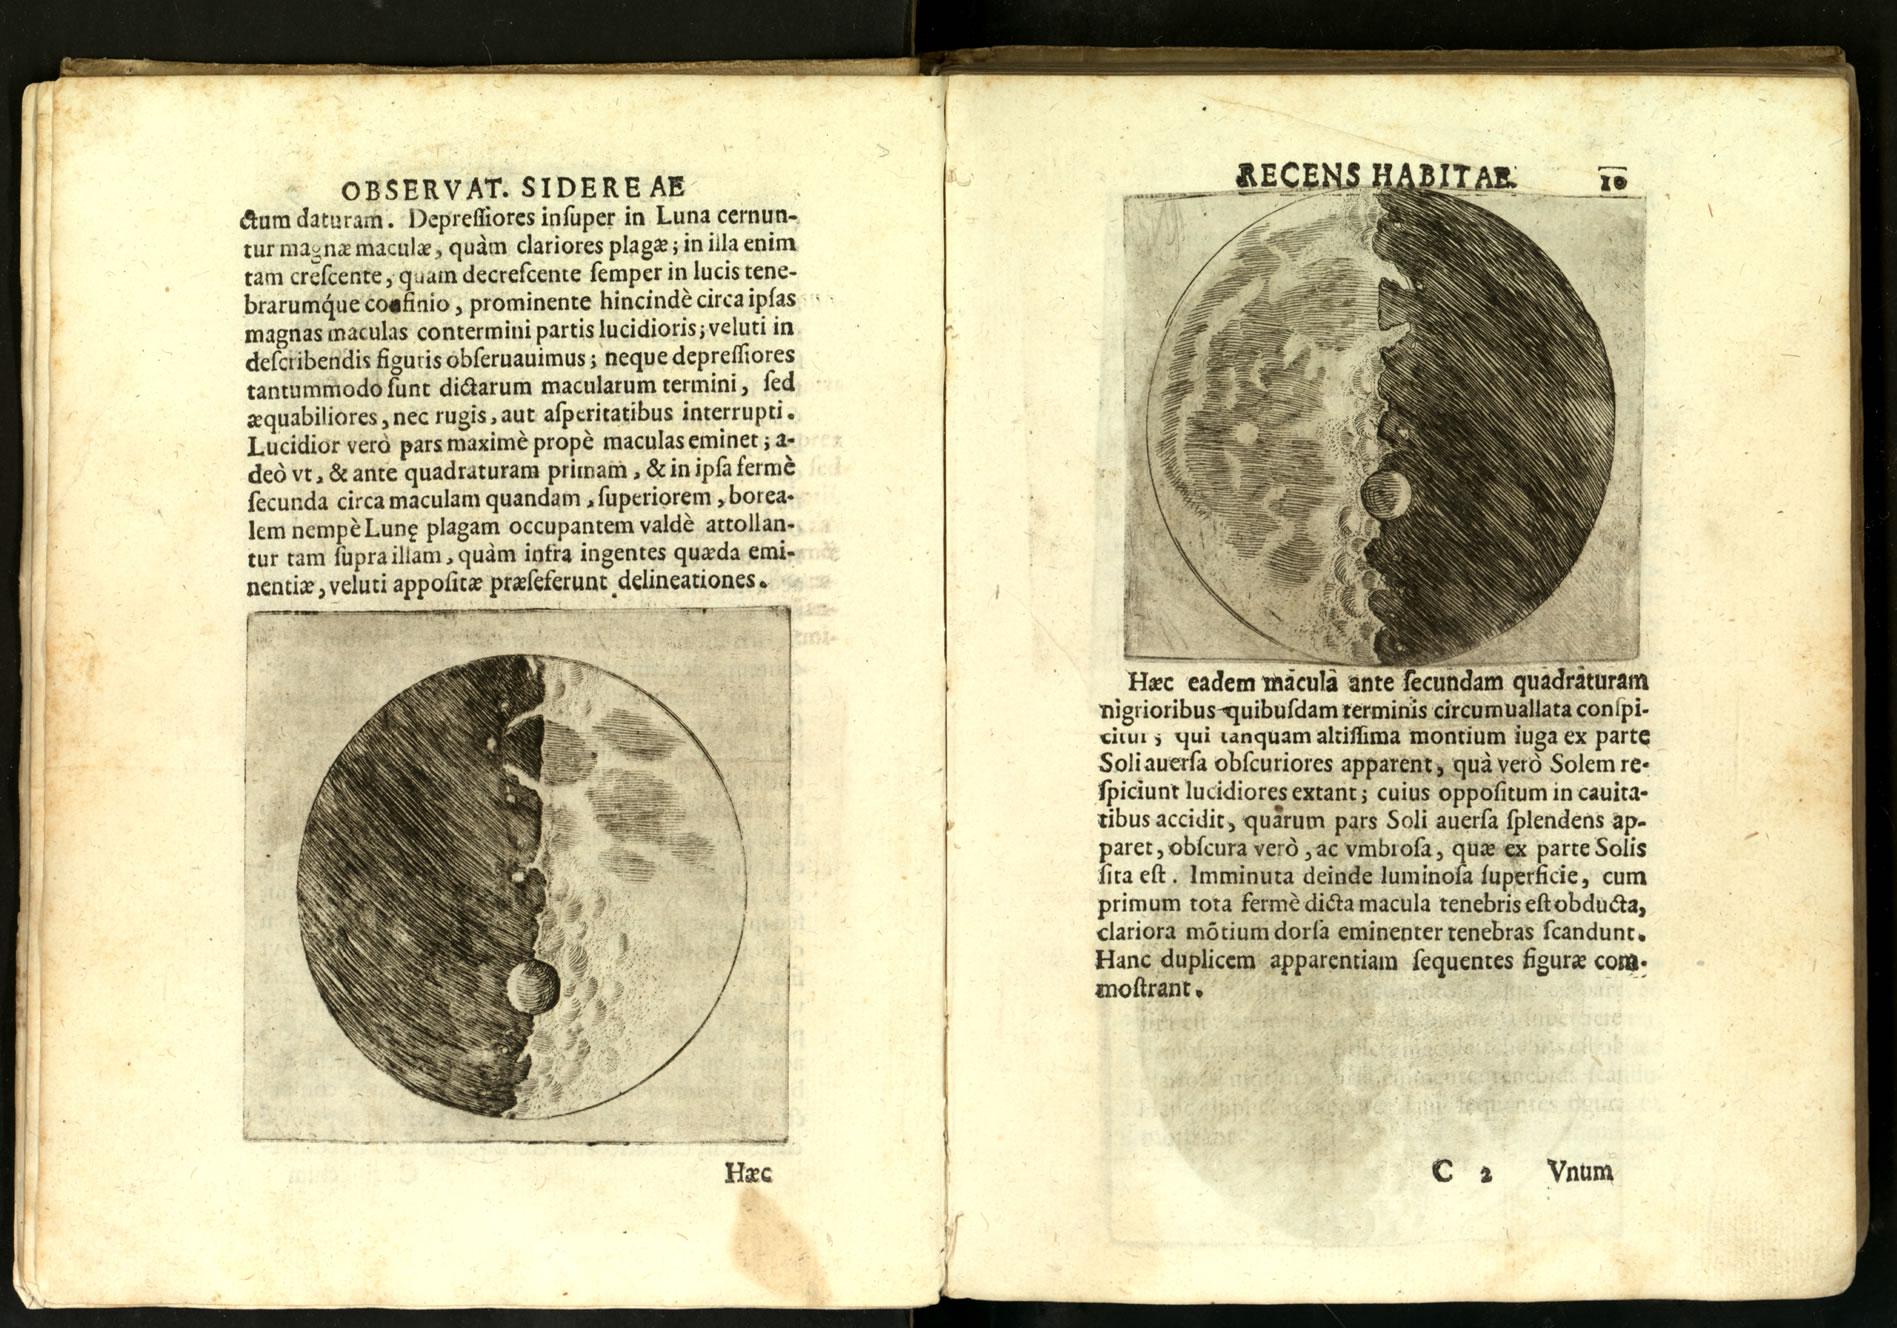 Con il Sidereus nuncius (Avviso astronomico), redatto in latino, nel 1610 Galilei annunciò al mondo le sconvolgenti scoperte effettuate con il nuovo strumento, il telescopio o cannocchiale.